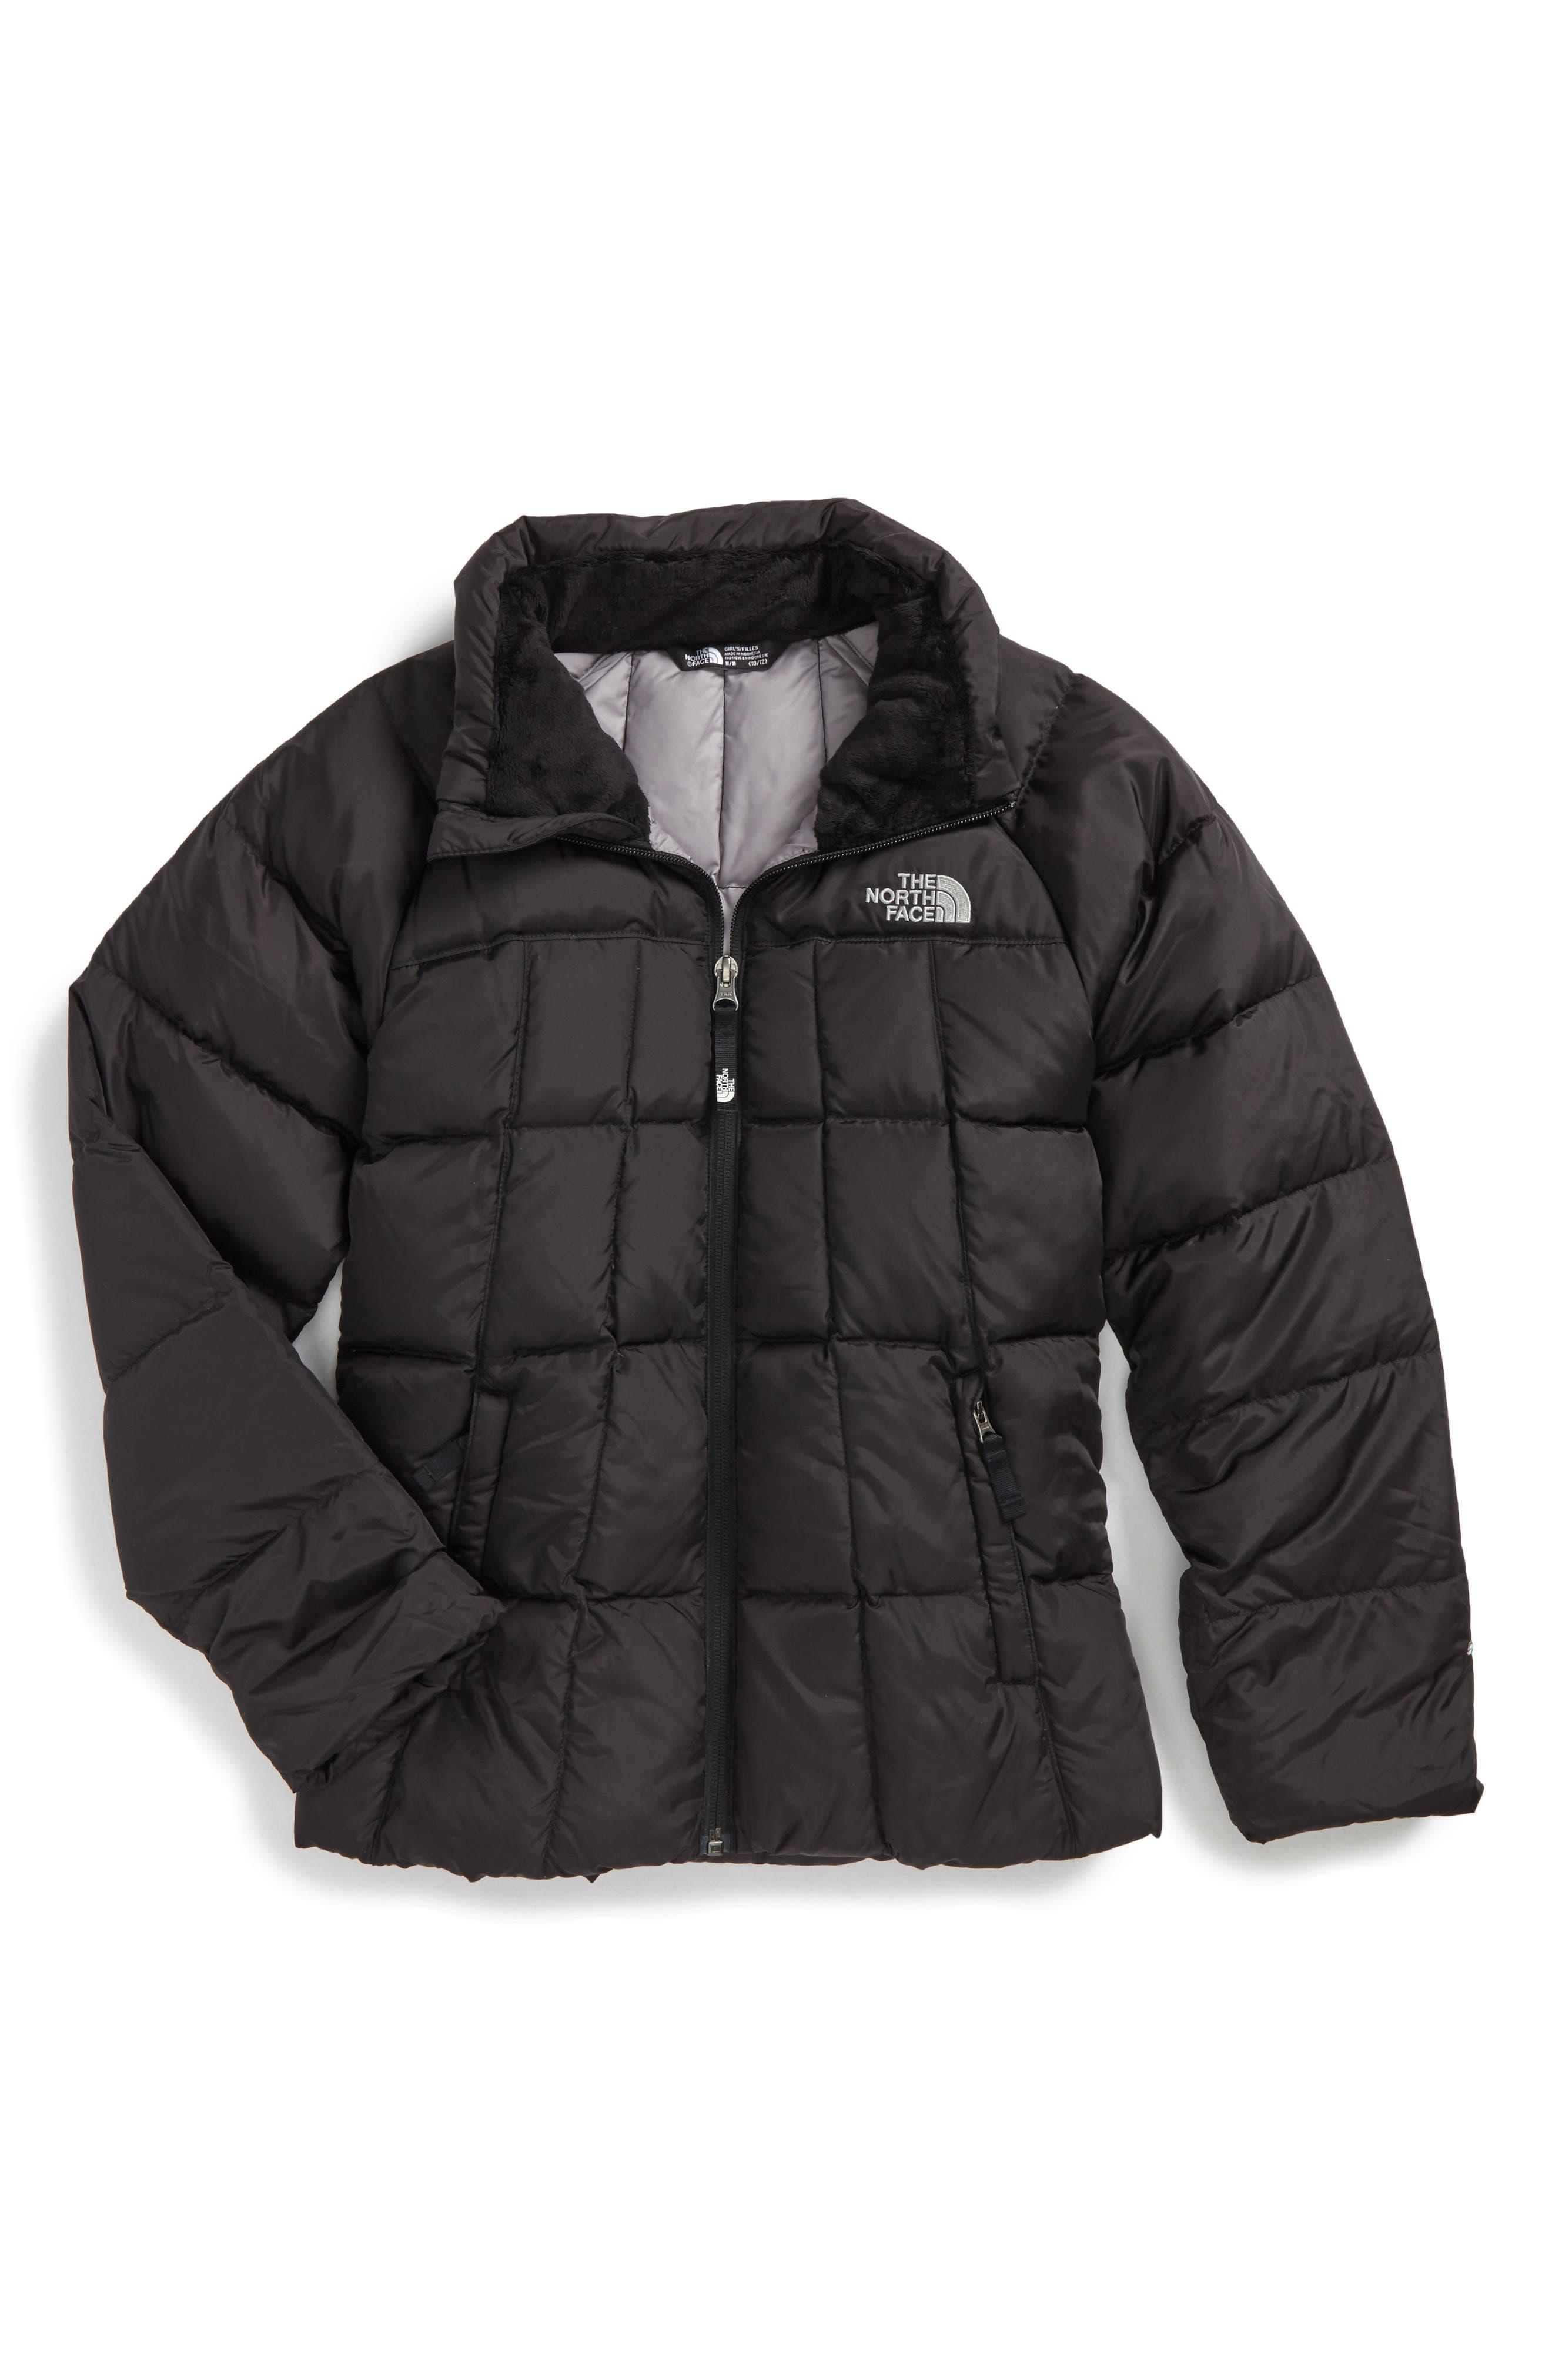 Aconcagua Down Jacket,                         Main,                         color,